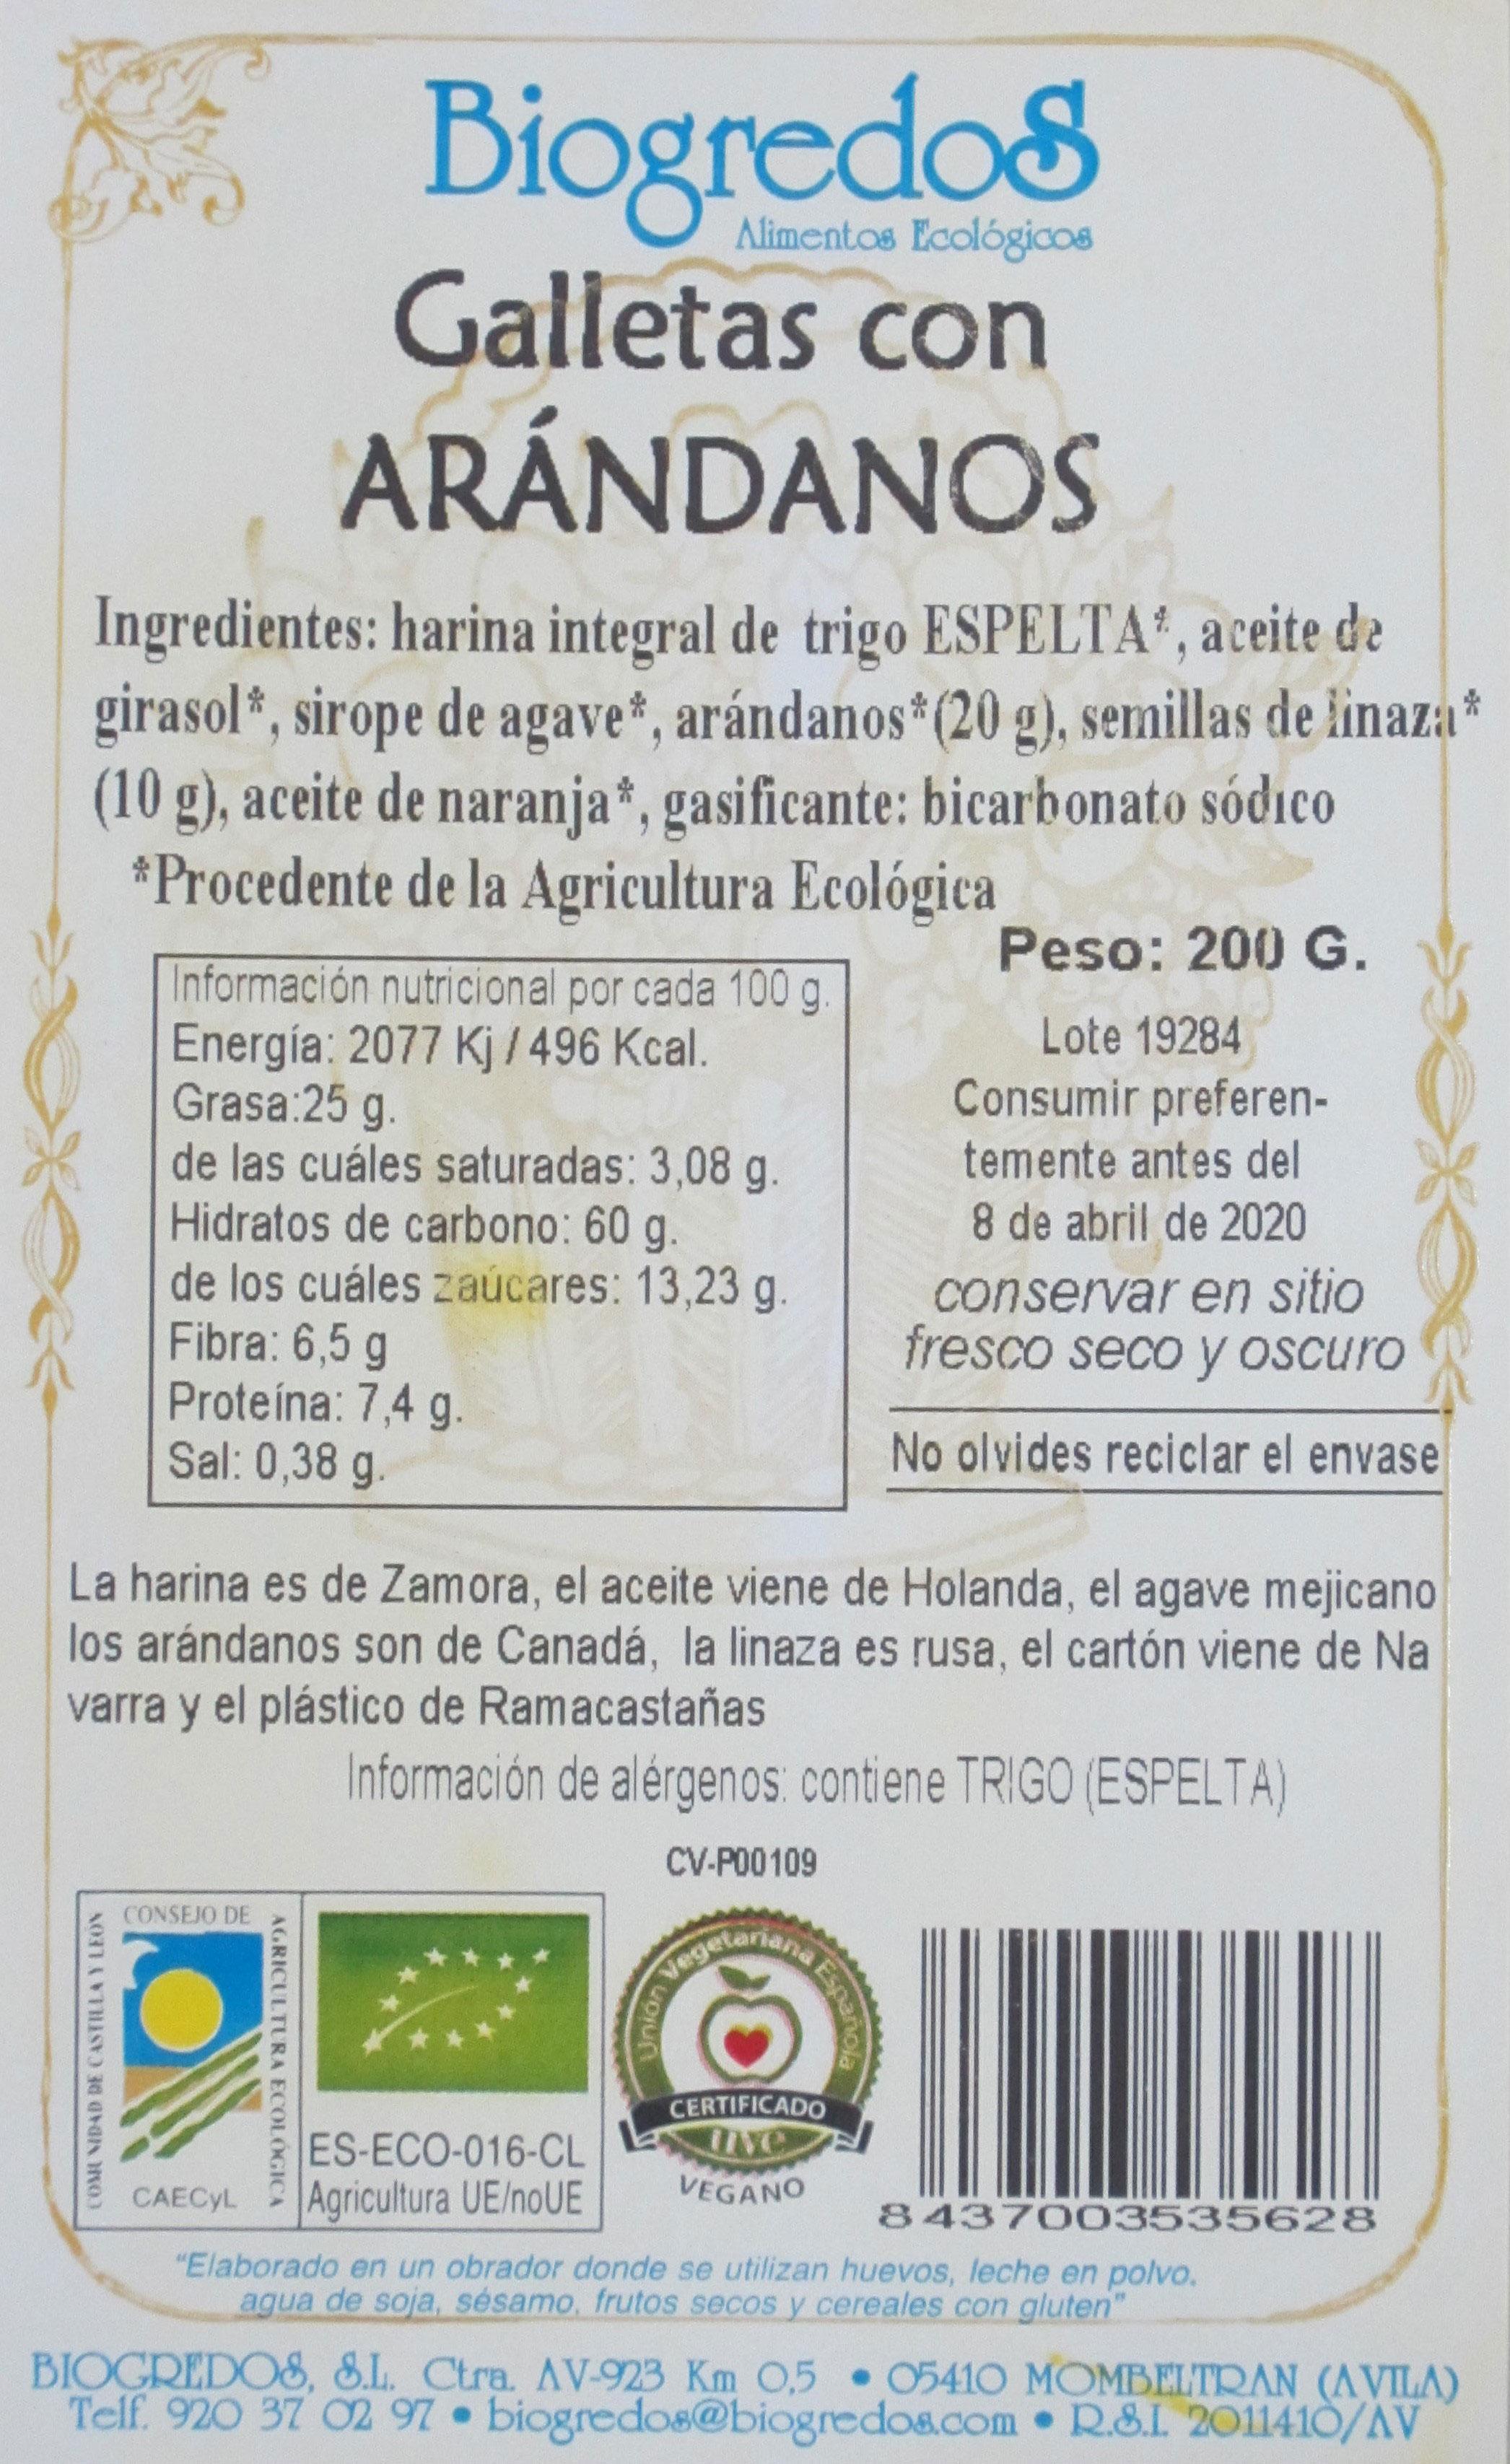 galletas arandanos biogredos etiqueta